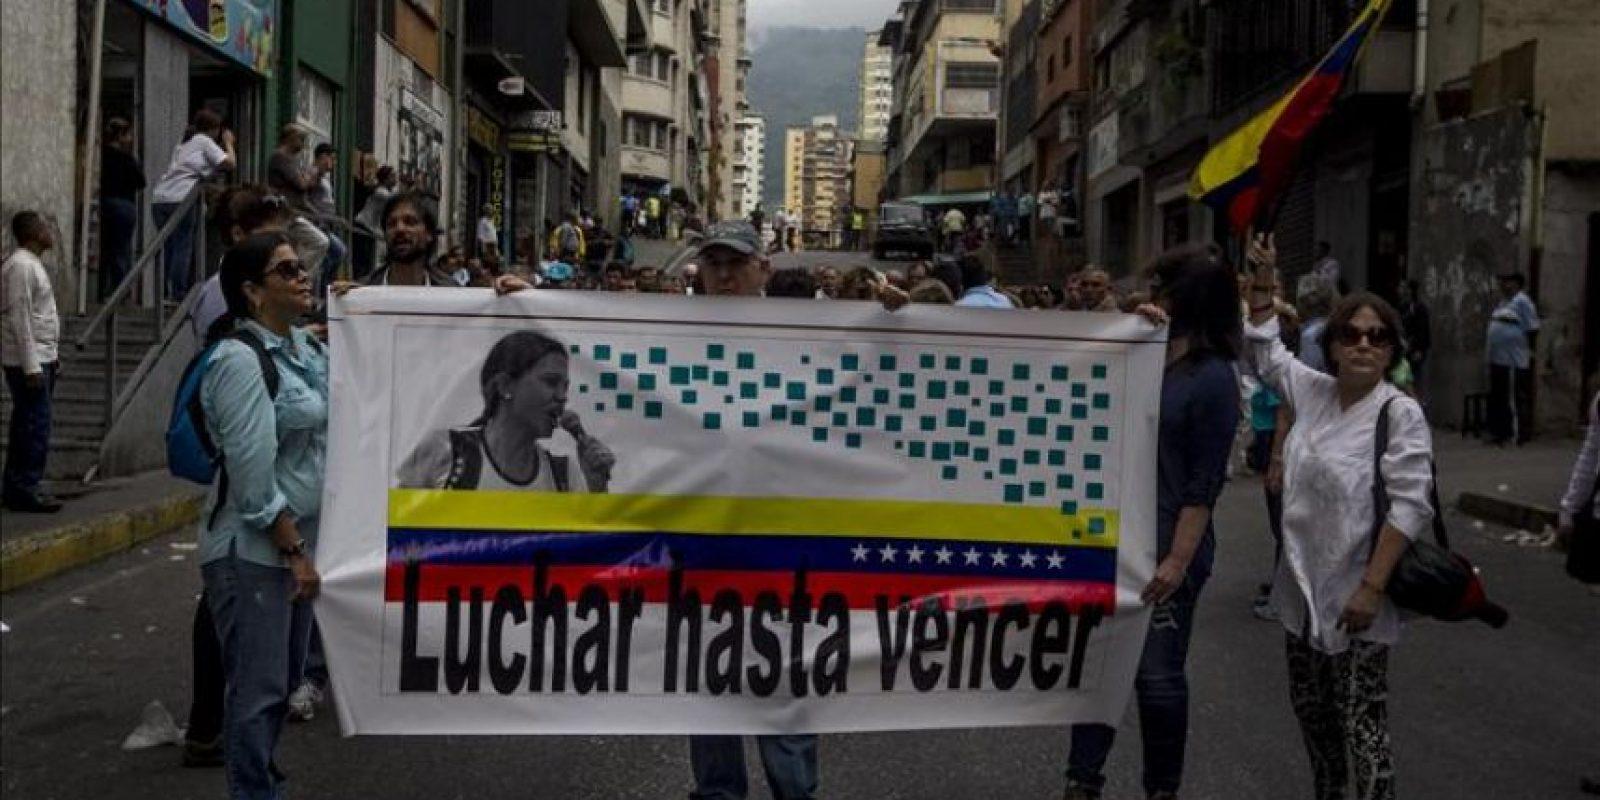 Seguidores de la exdiputada de la Asamblea Nacional (AN) y dirigente opositora María Corina Machado la apoyan a su llegada a la Fiscalía venezolana, este 3 de diciembre, en Caracas (Venezuela). EFE